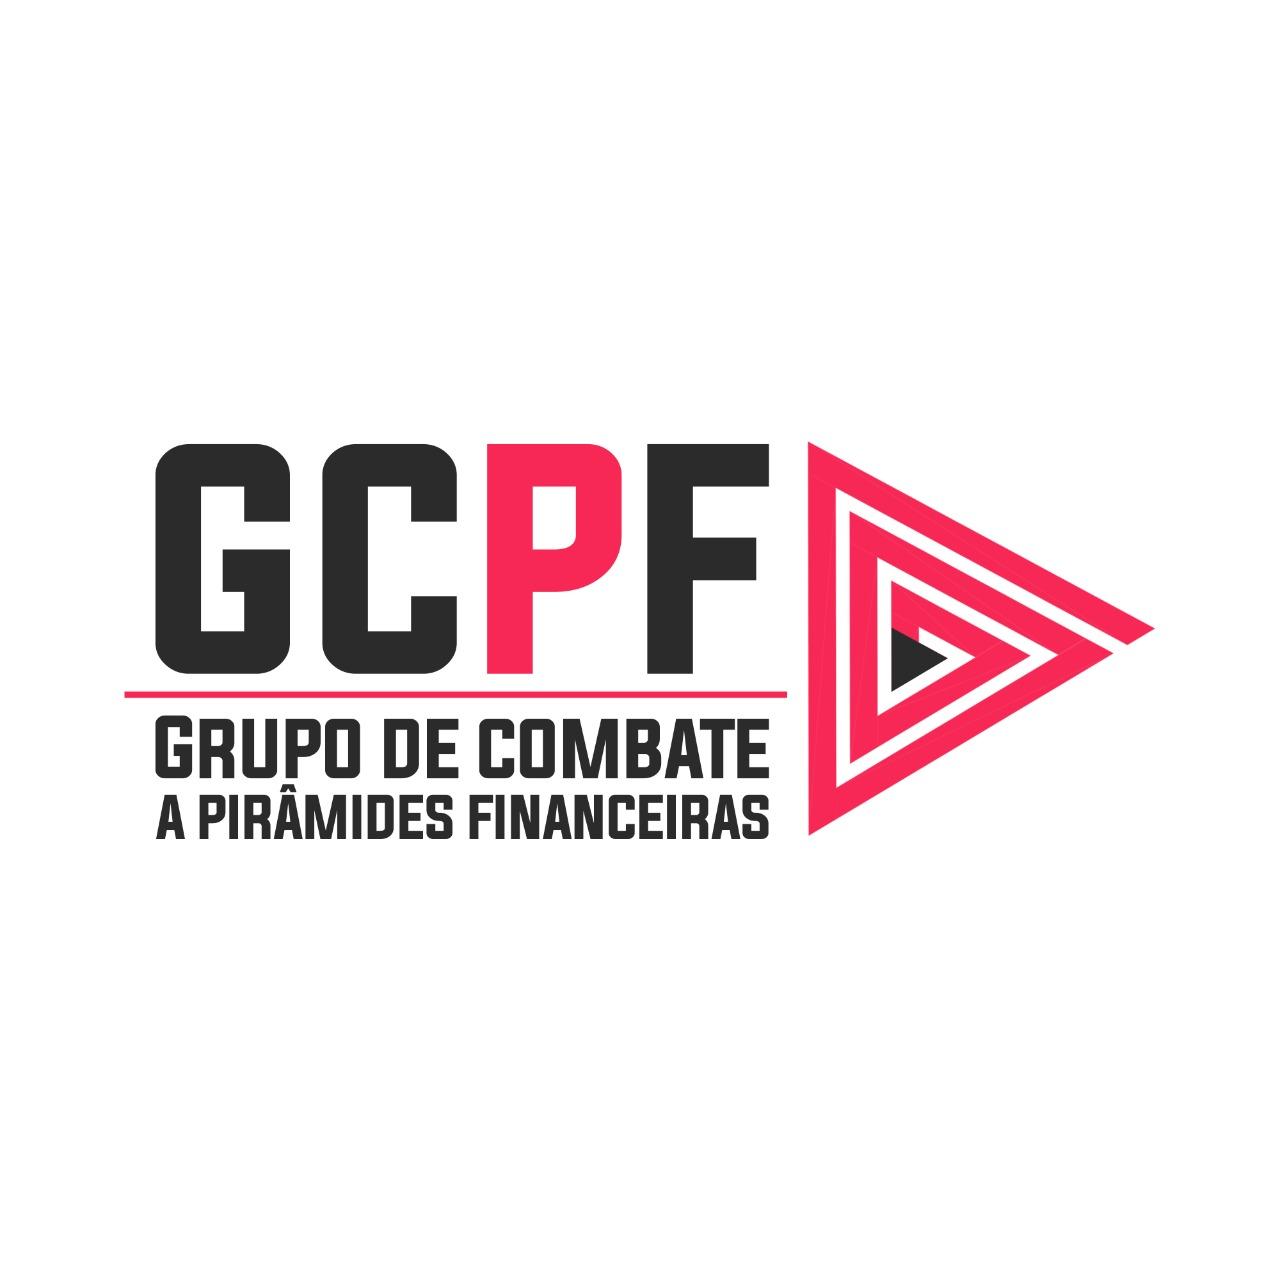 Grupo De Combate divulga as ações que serão efetivadas contra pirâmides e piramideiros no Brasil